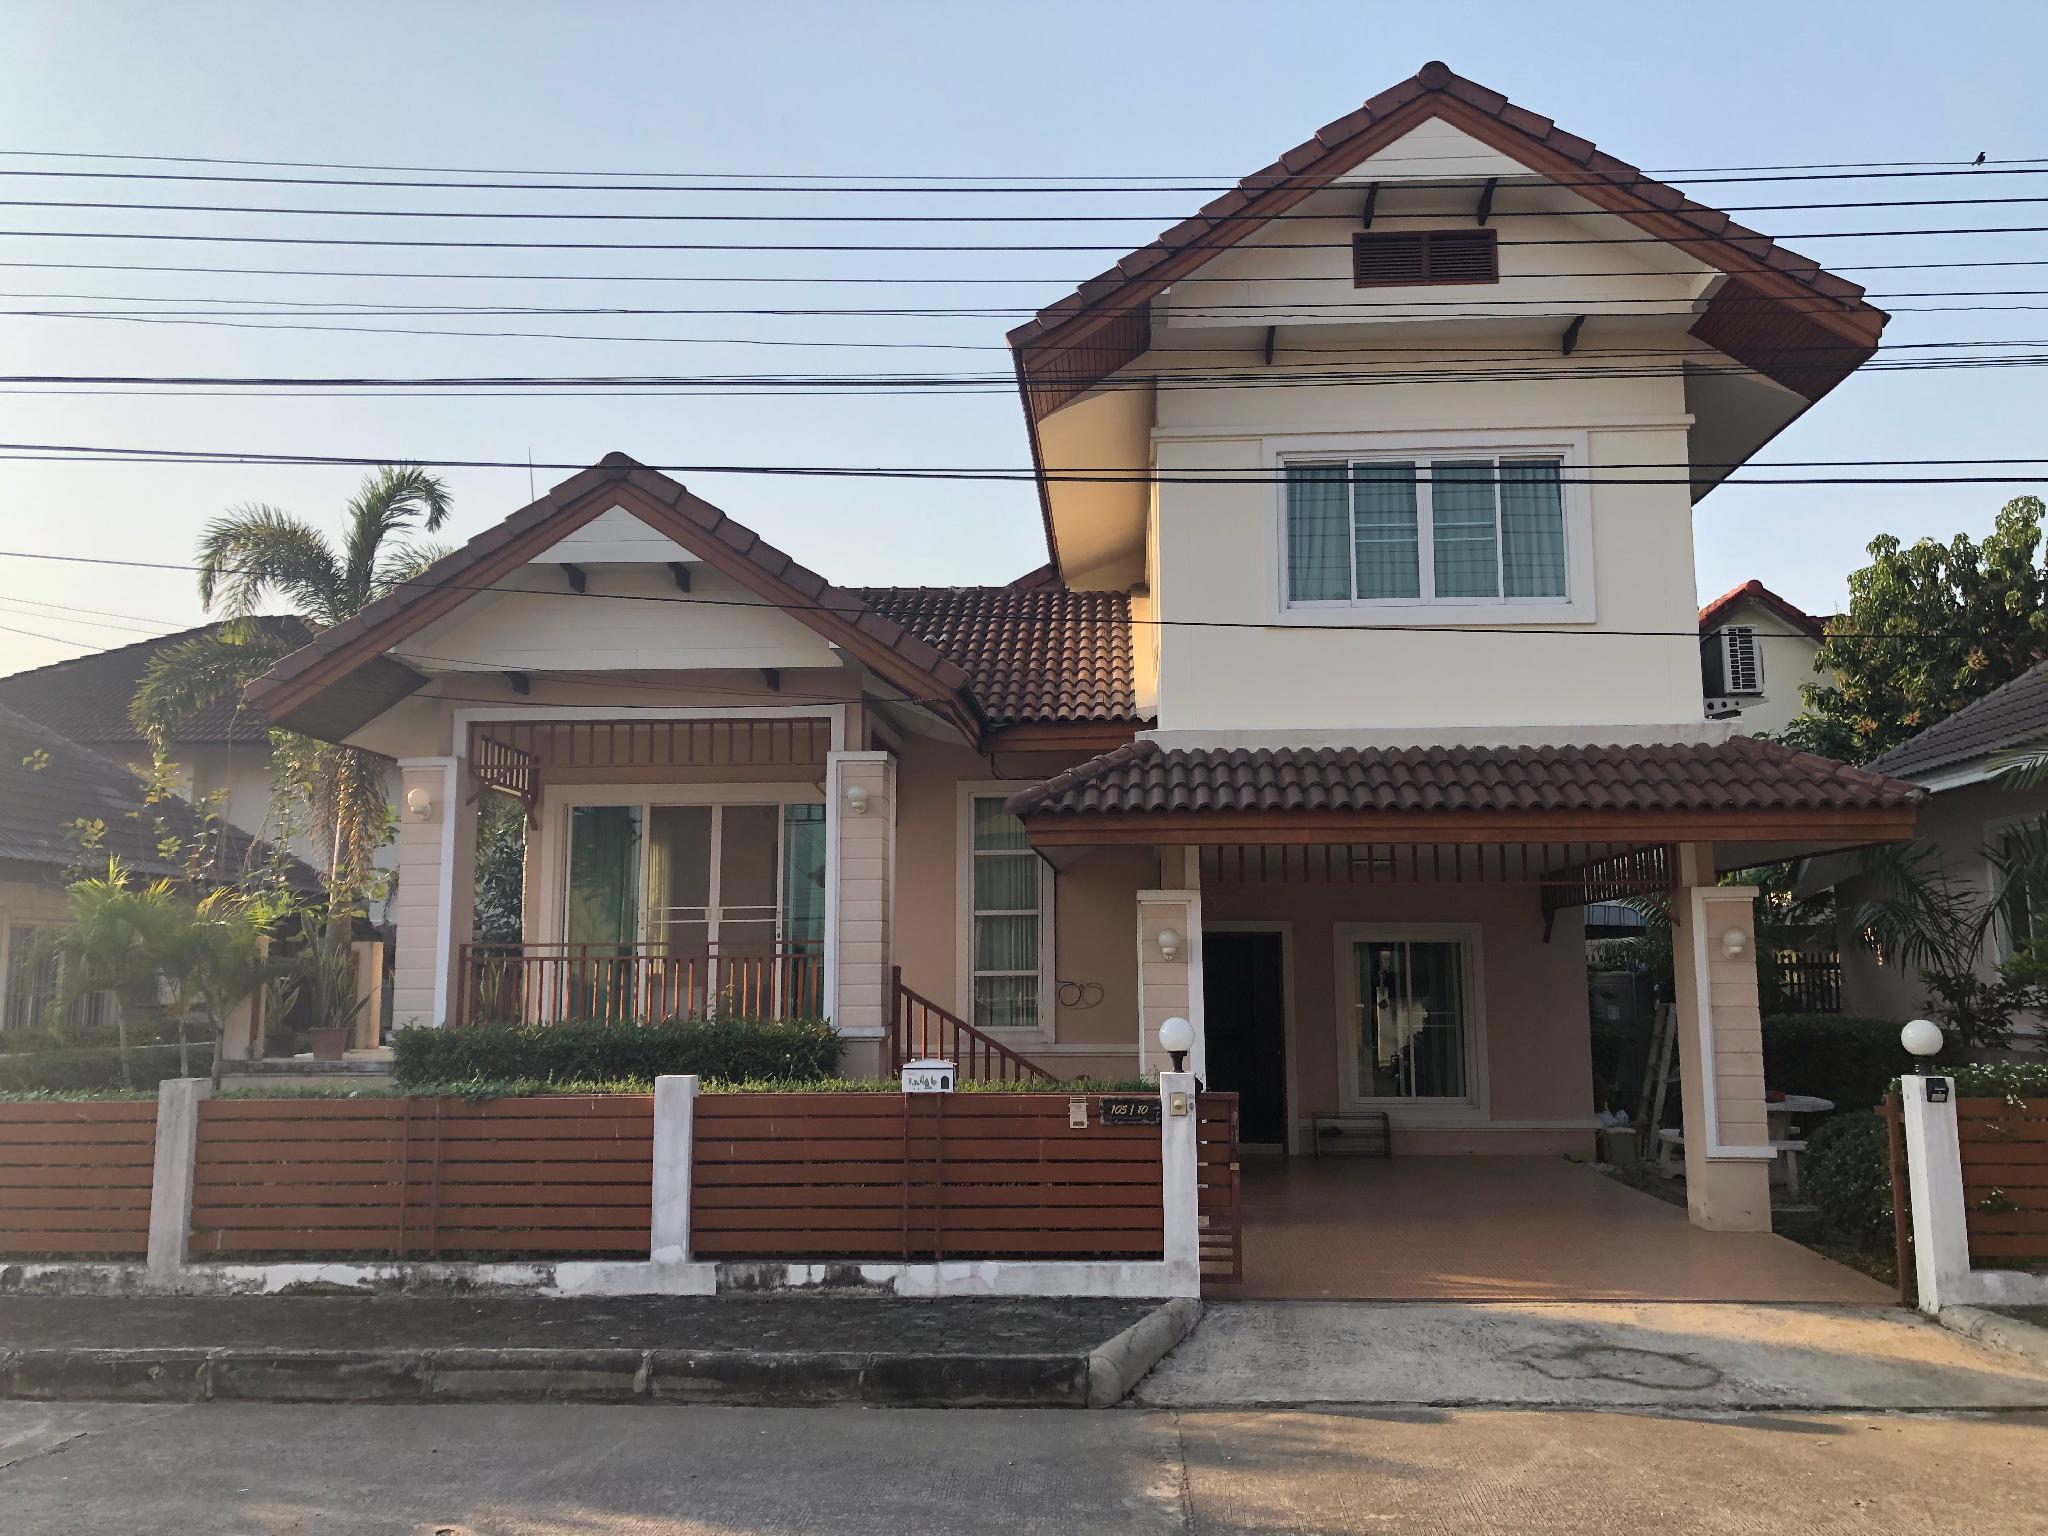 3 Bedroom House On Road Near Maejo University